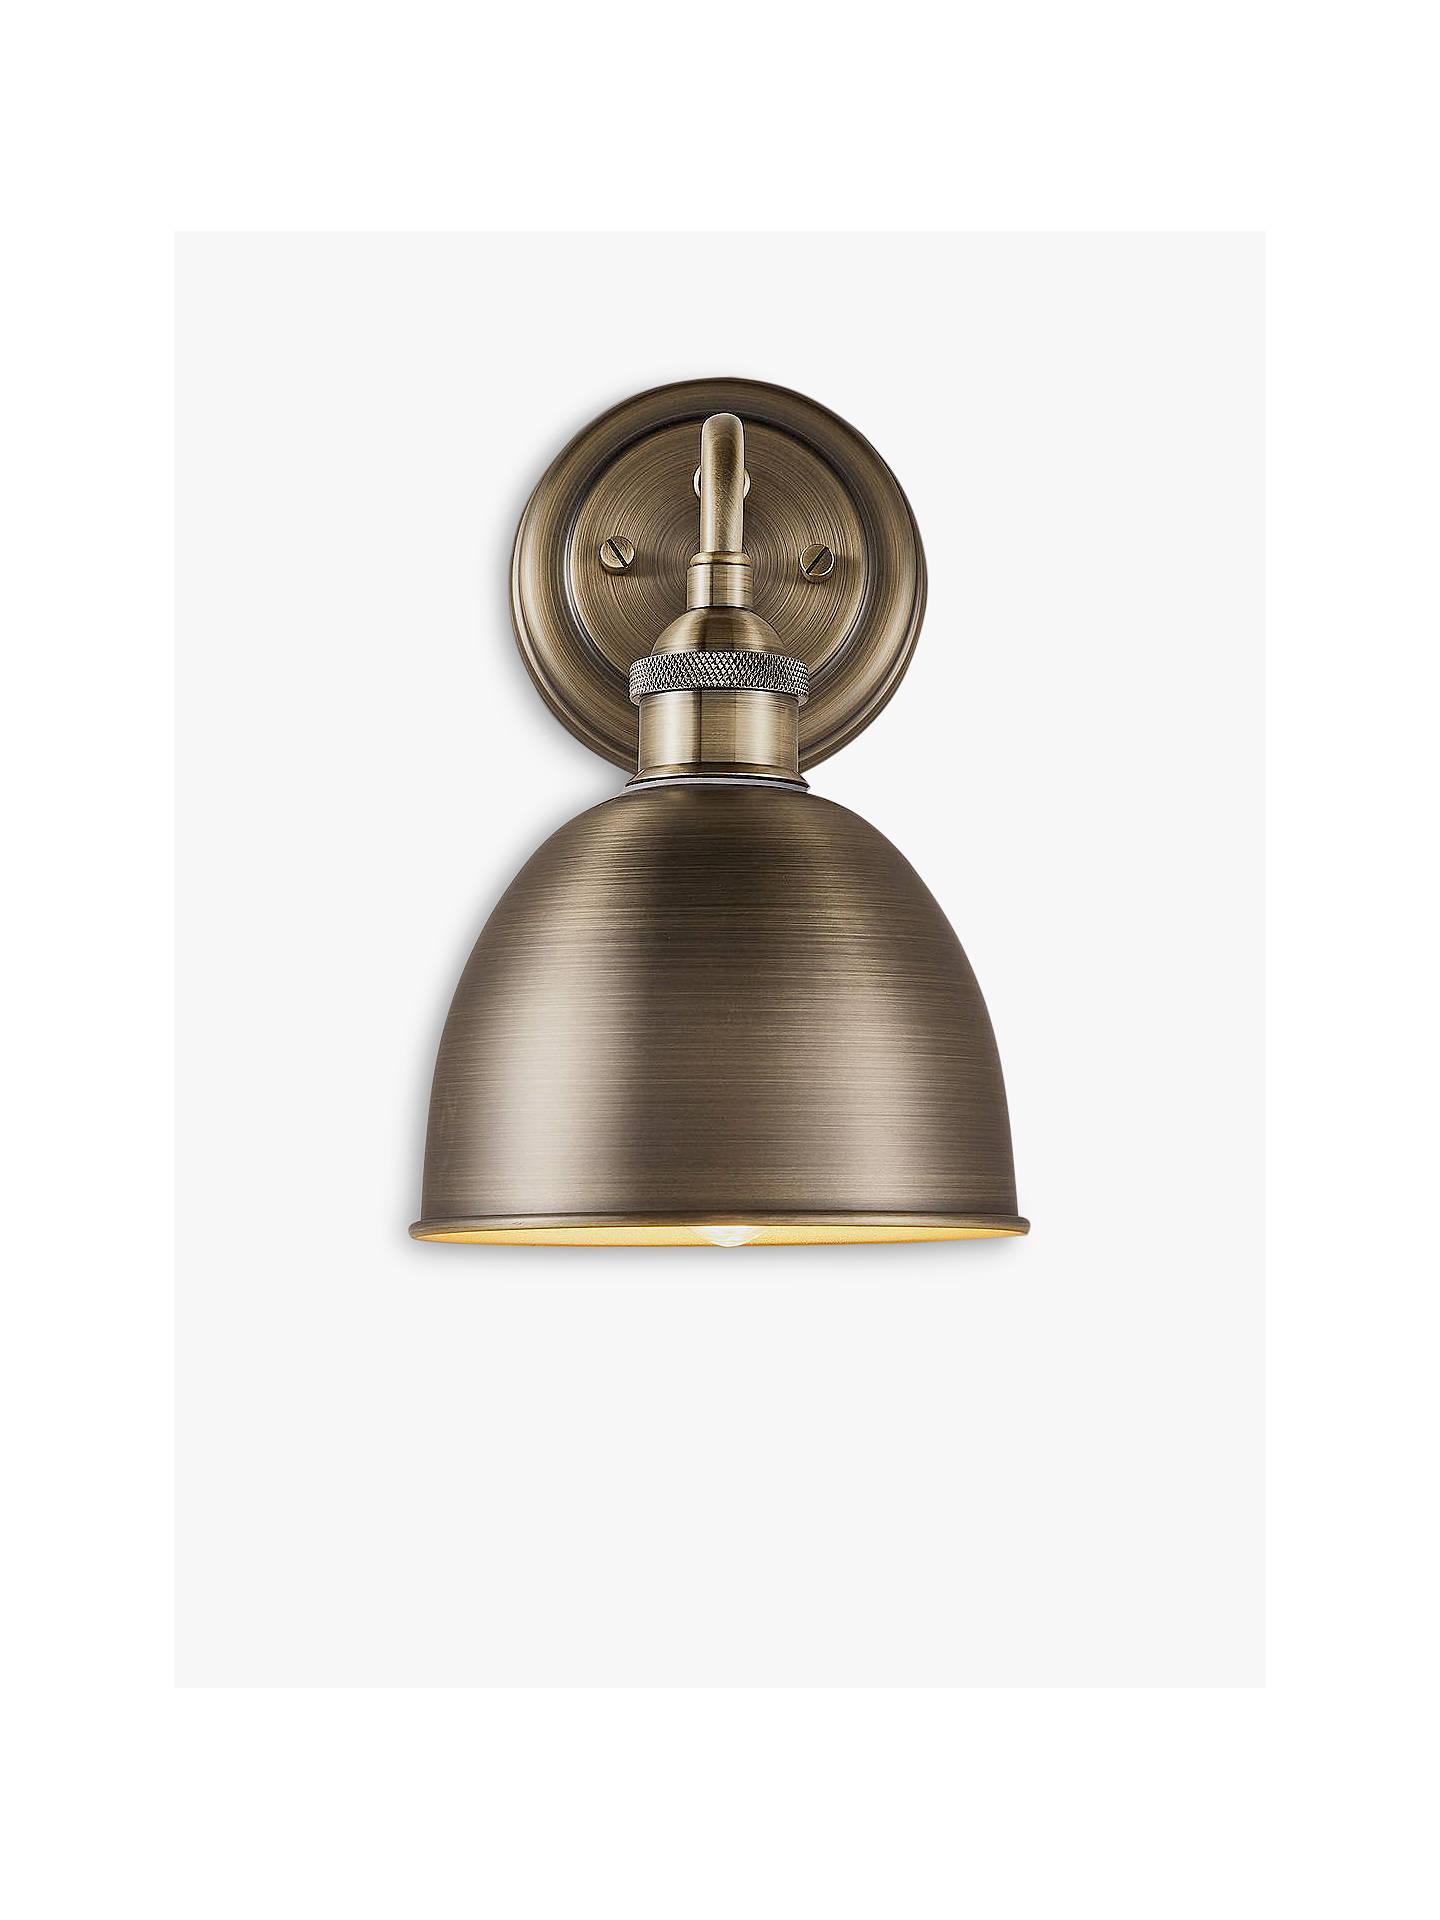 John Lewis & Partners Baldwin Bathroom Wall Light, Antique Brass